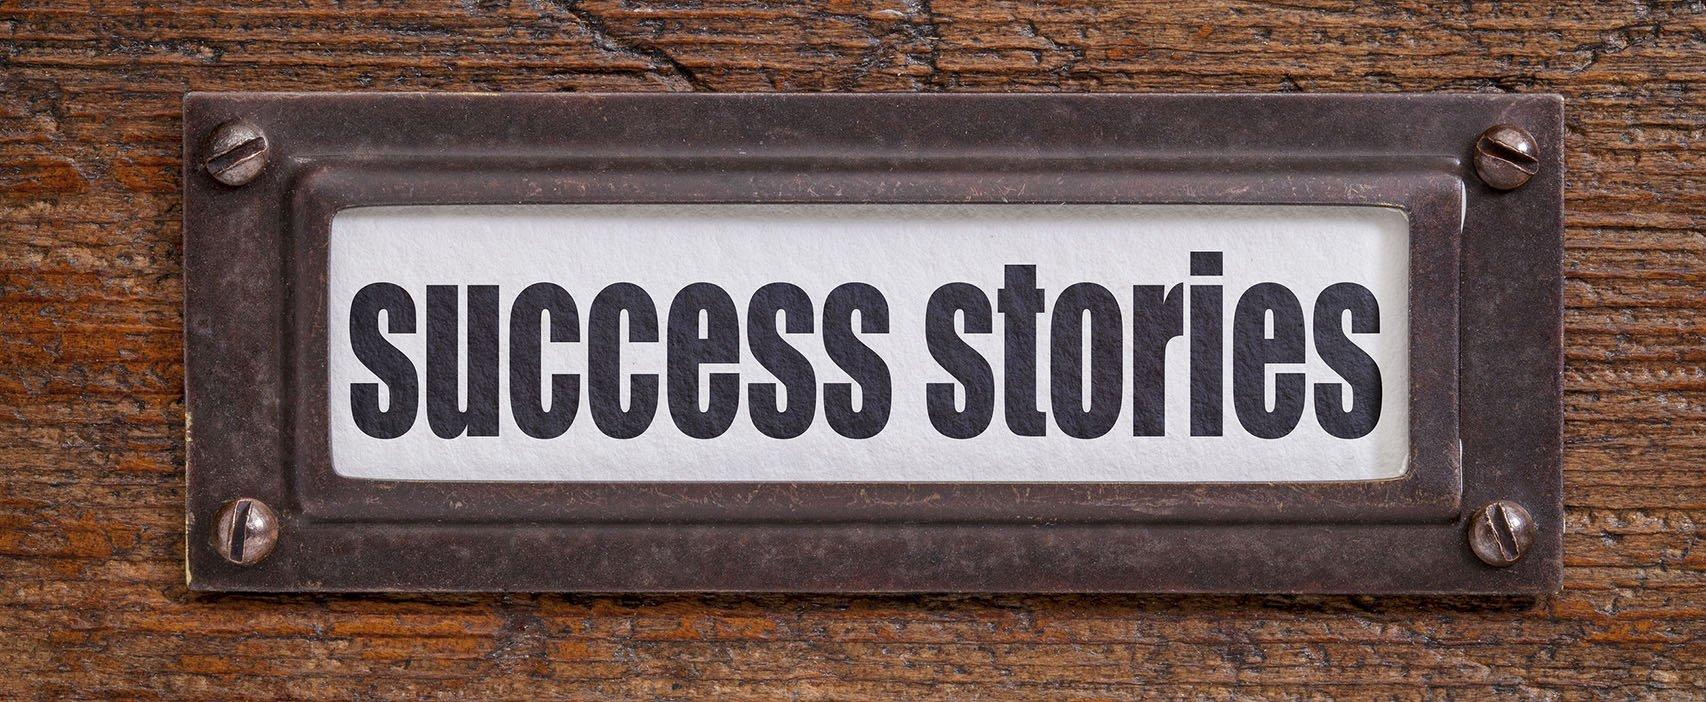 """plaque that reads """"success stories"""""""